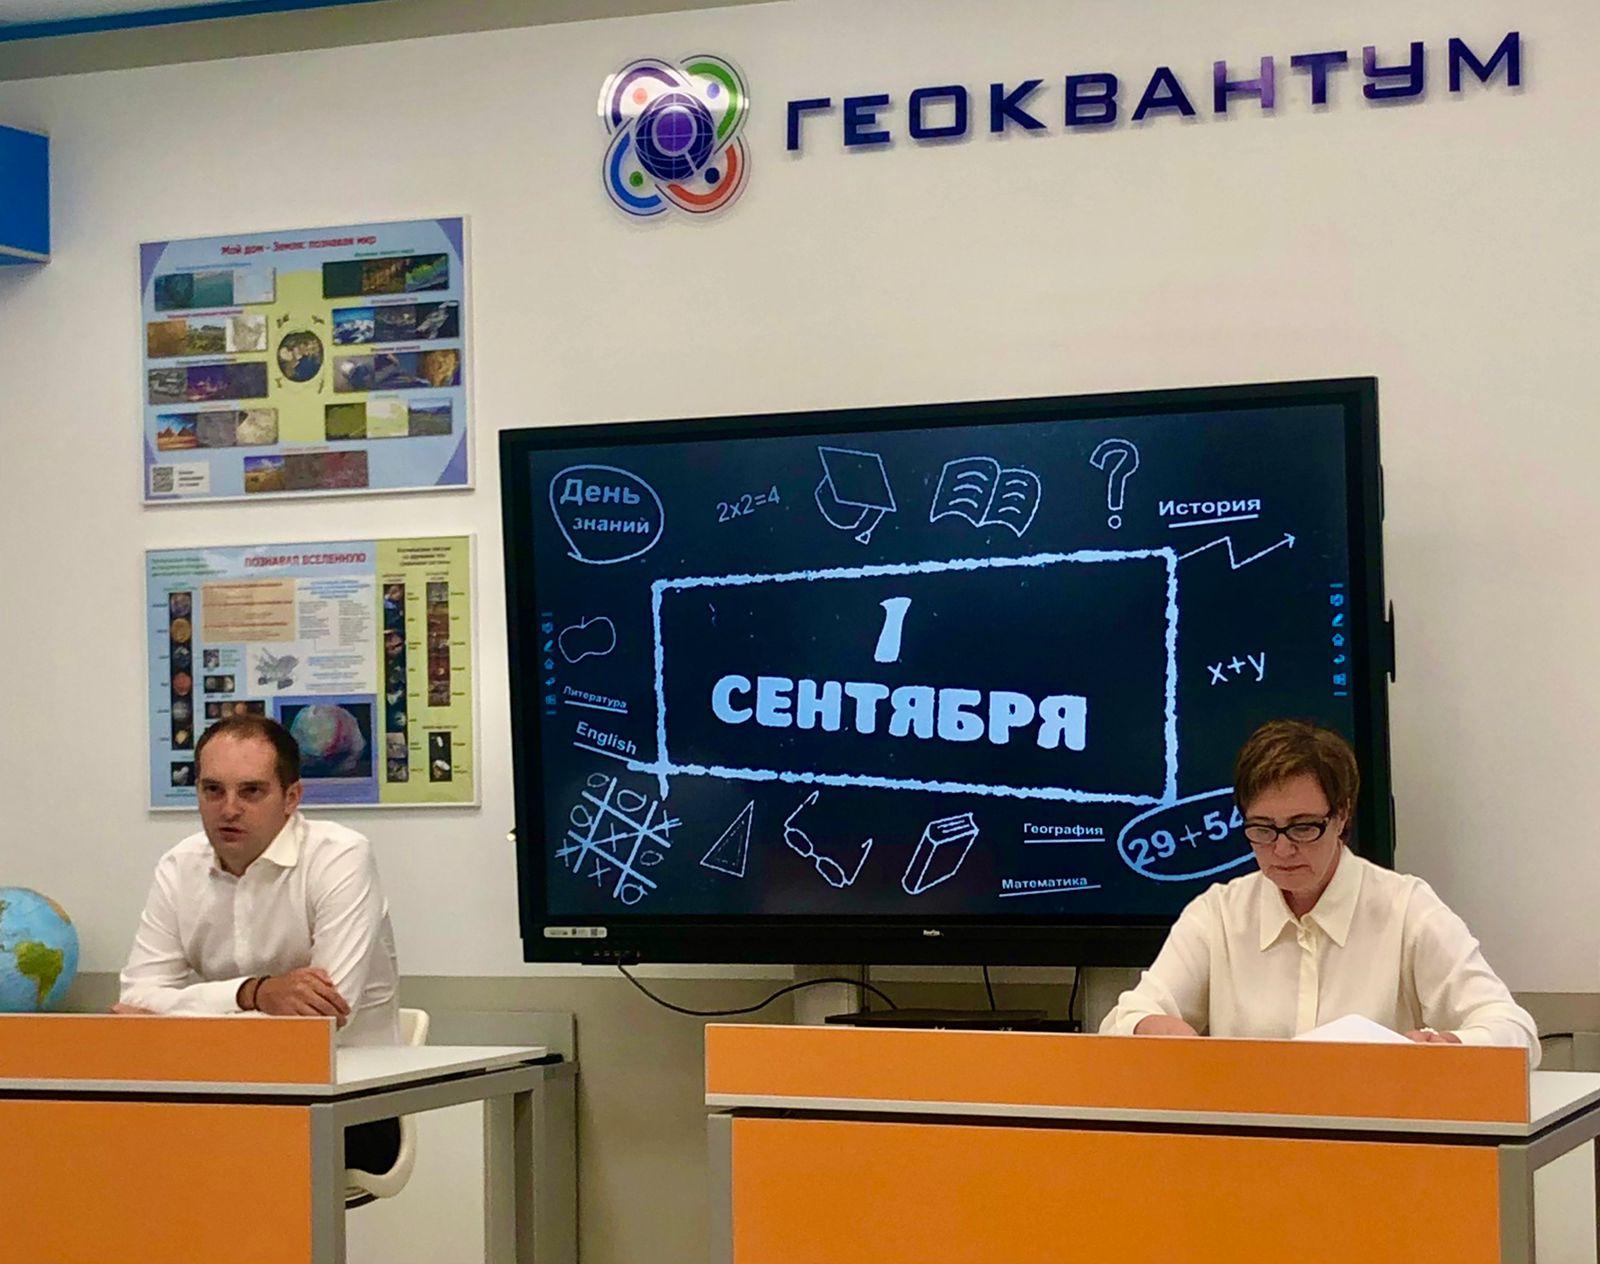 Вакцинацию против коронавируса прошли 64 процента работников сферы образования в Ярославской области